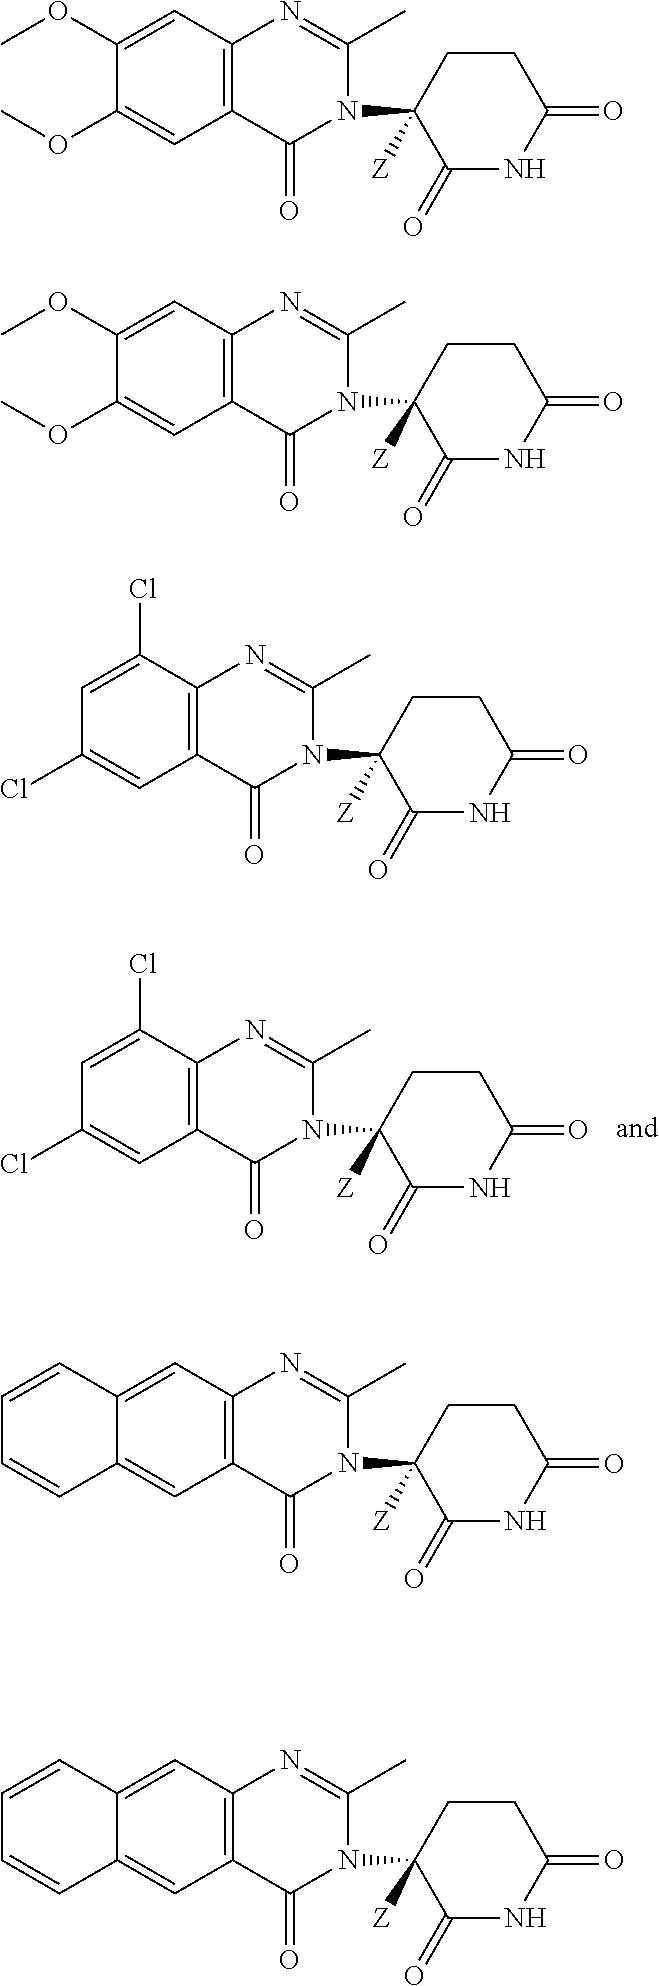 Figure US09913845-20180313-C00041